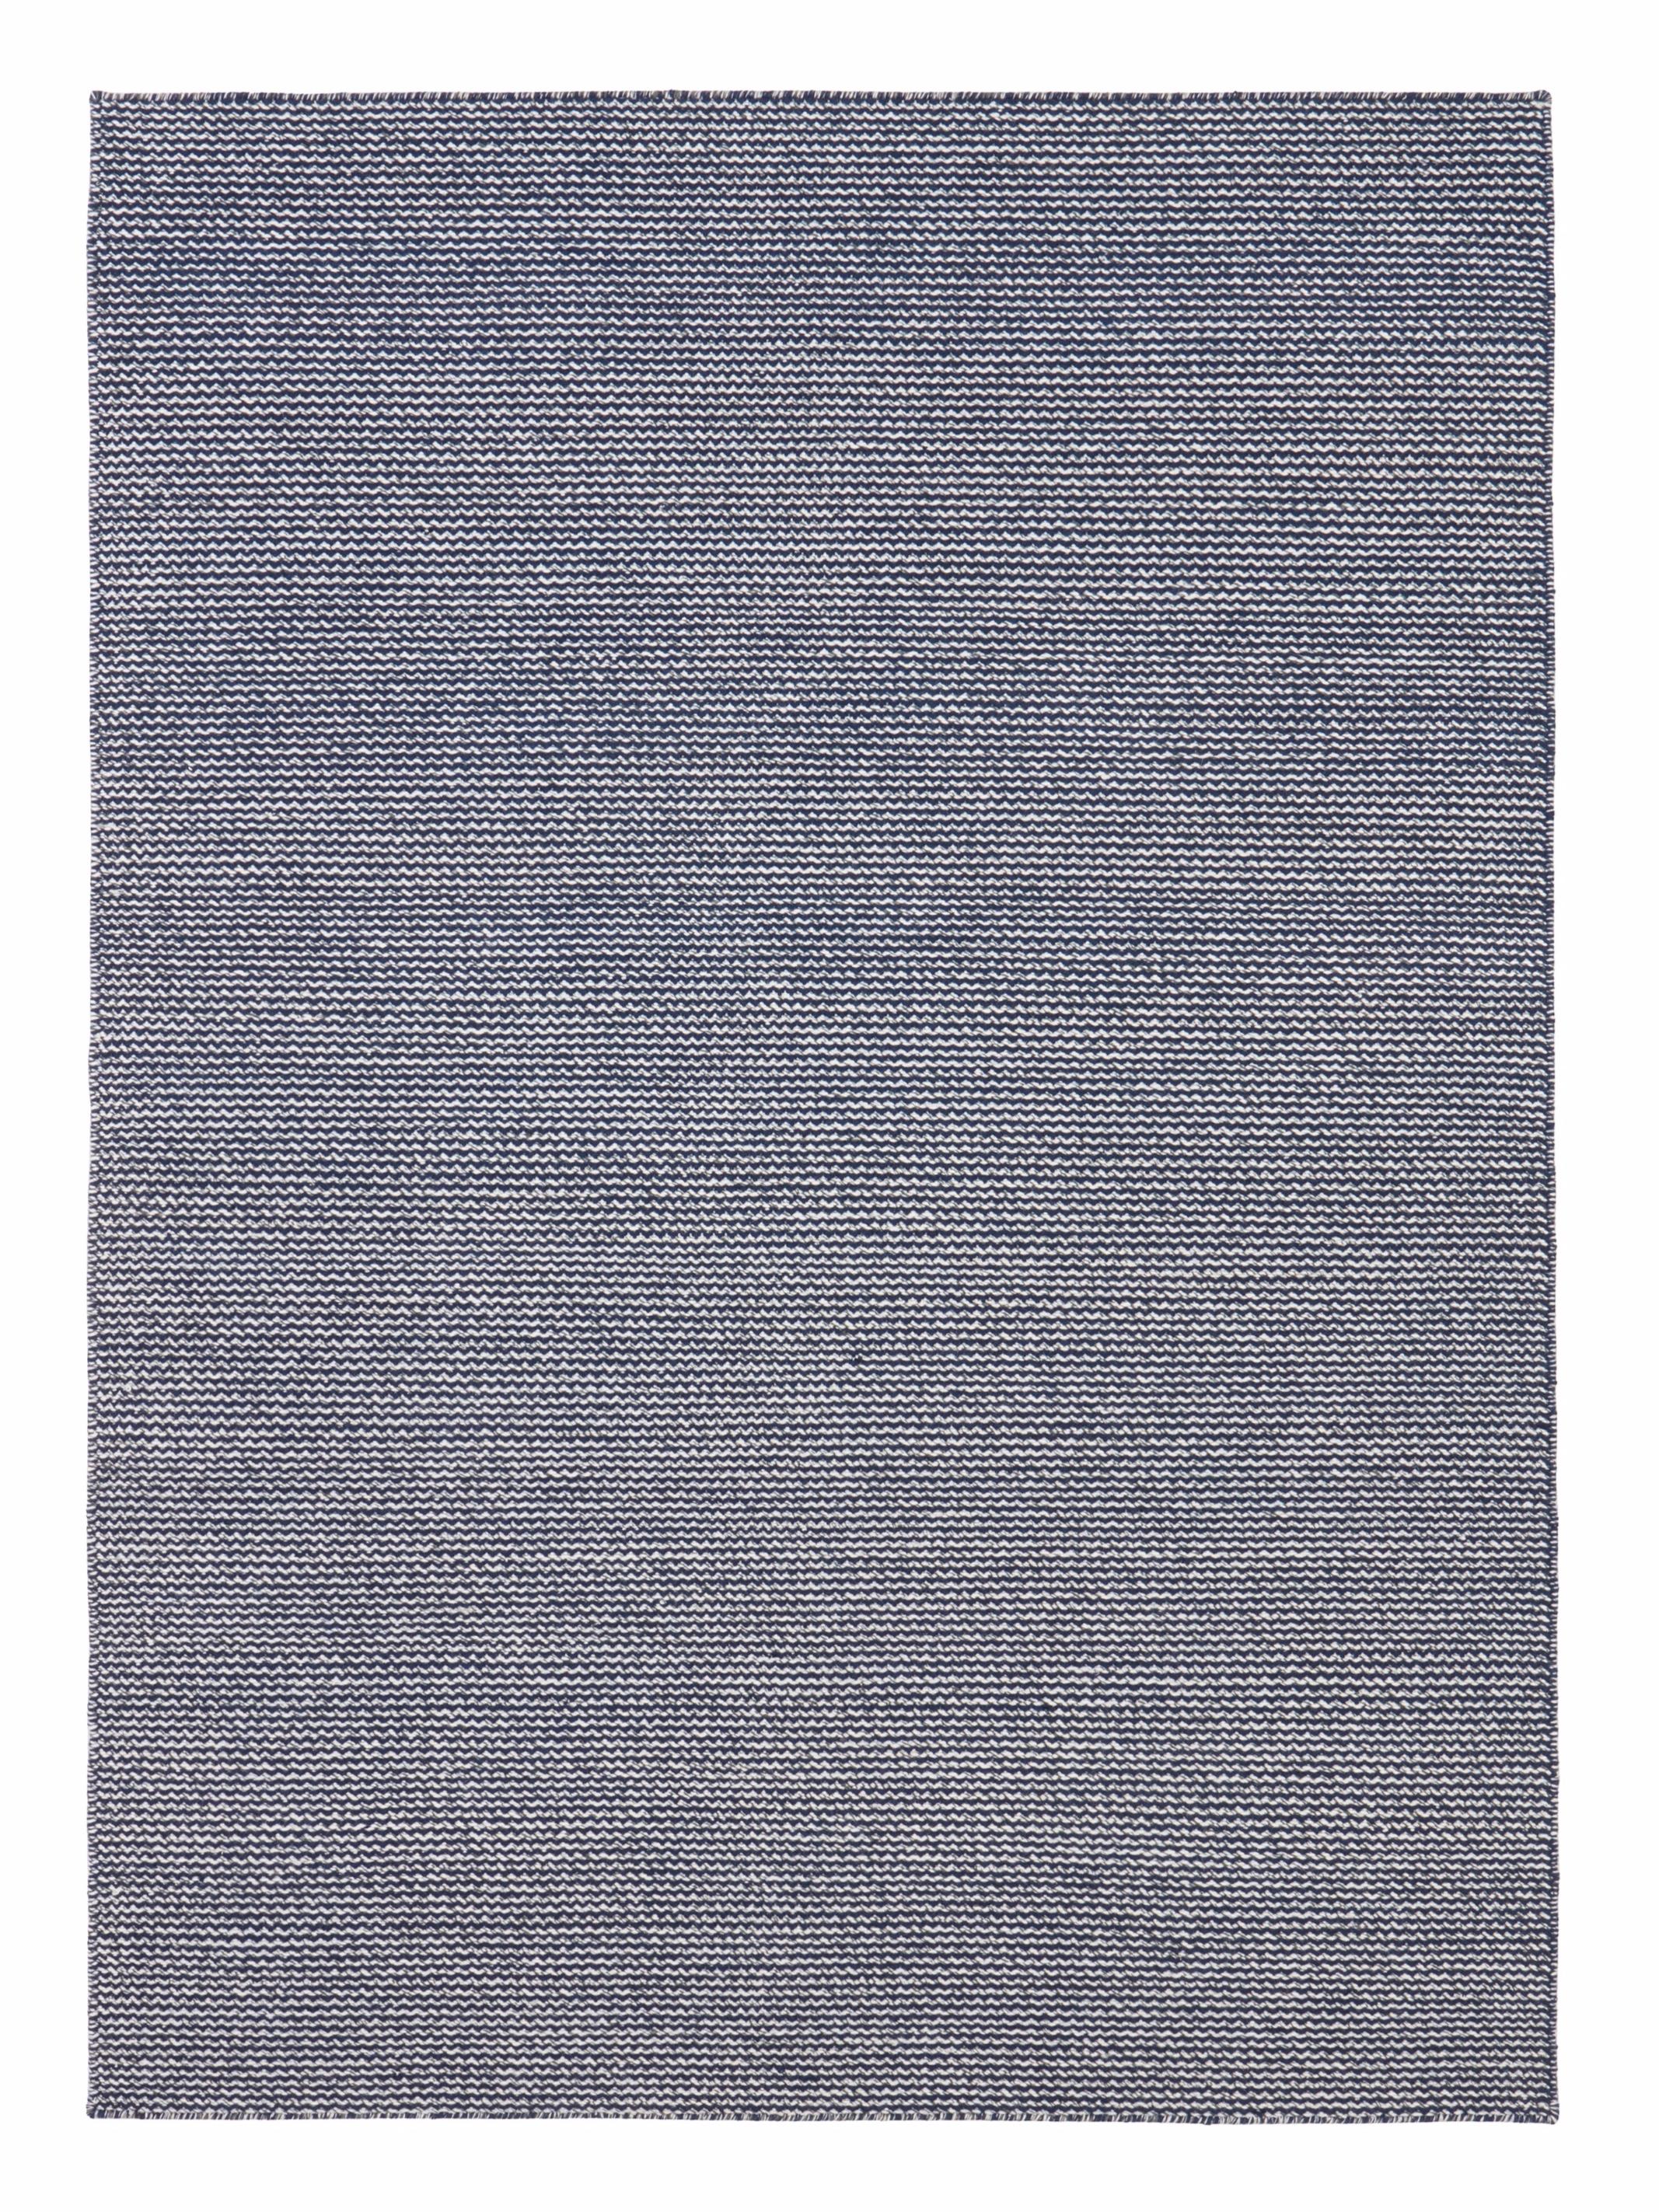 Fenris 1629 Grey/Midnight Blue